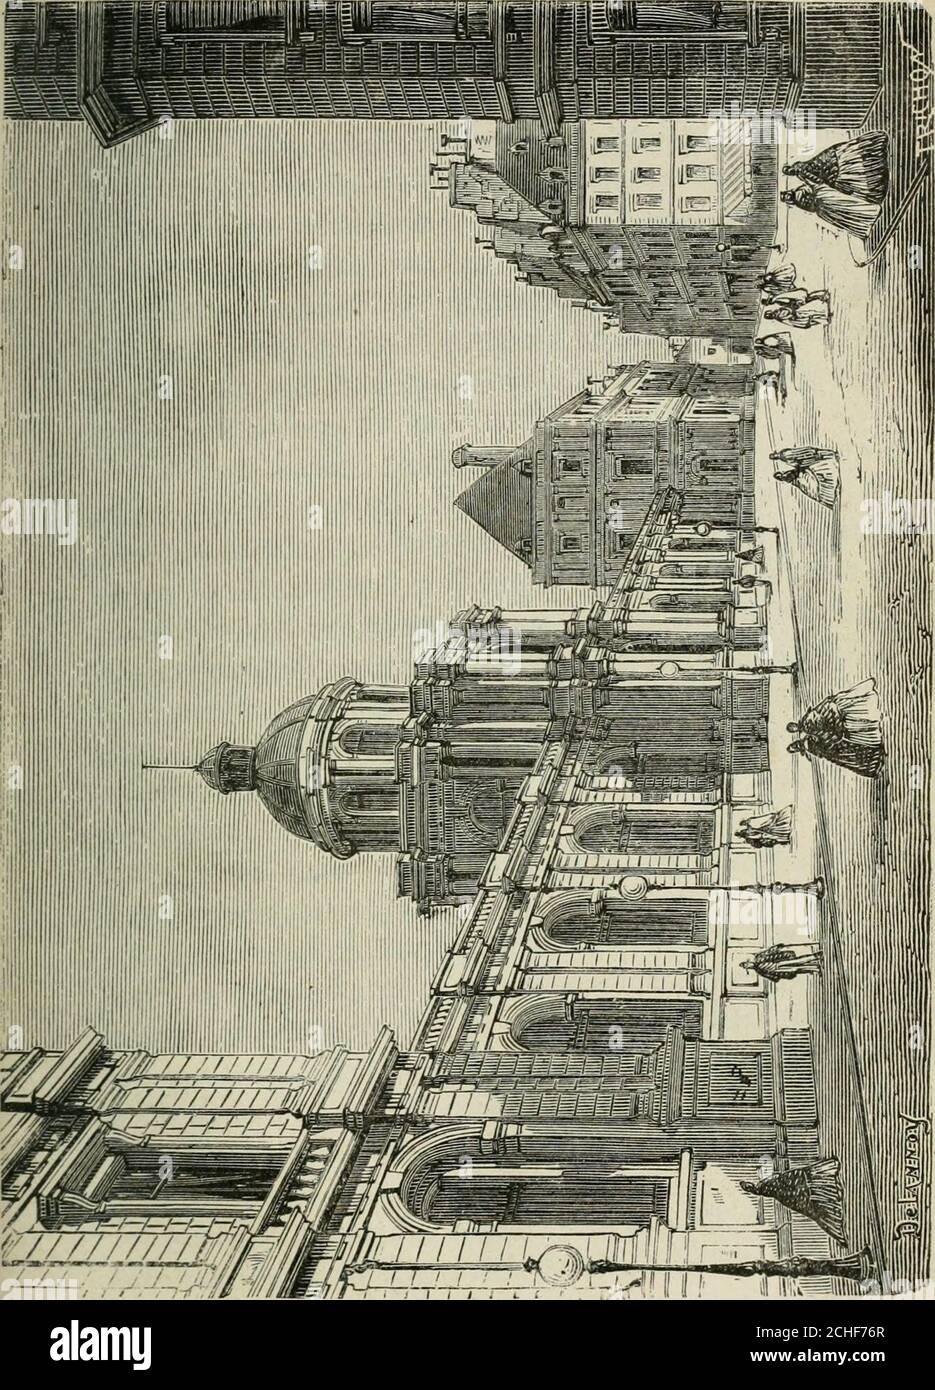 . Les merveilles du nouveau Paris-- . -Royal. Louis XIV le donna plustard au duc dOrléans, son frère, et depuis cette époque il aété lapanage des princes du sang. Un incendie détruisit lafaçade en 1763; Louis-Philippe dOrléans, petit-fils durégent, chargea Moreau de le reconstruire entièrement. Ilfit aussi élever autour du jardrn ces magnifiques galeries oùlindustrie parisienne étale ses plus belles productions dor-fèvrerie et de bijouterie. Les vieux marronniers de Richelieutombaient pour faire place à ces constructions. La façadedonnant sur le jardin devait être édifiée sur un plan gran-dios Stock Photo